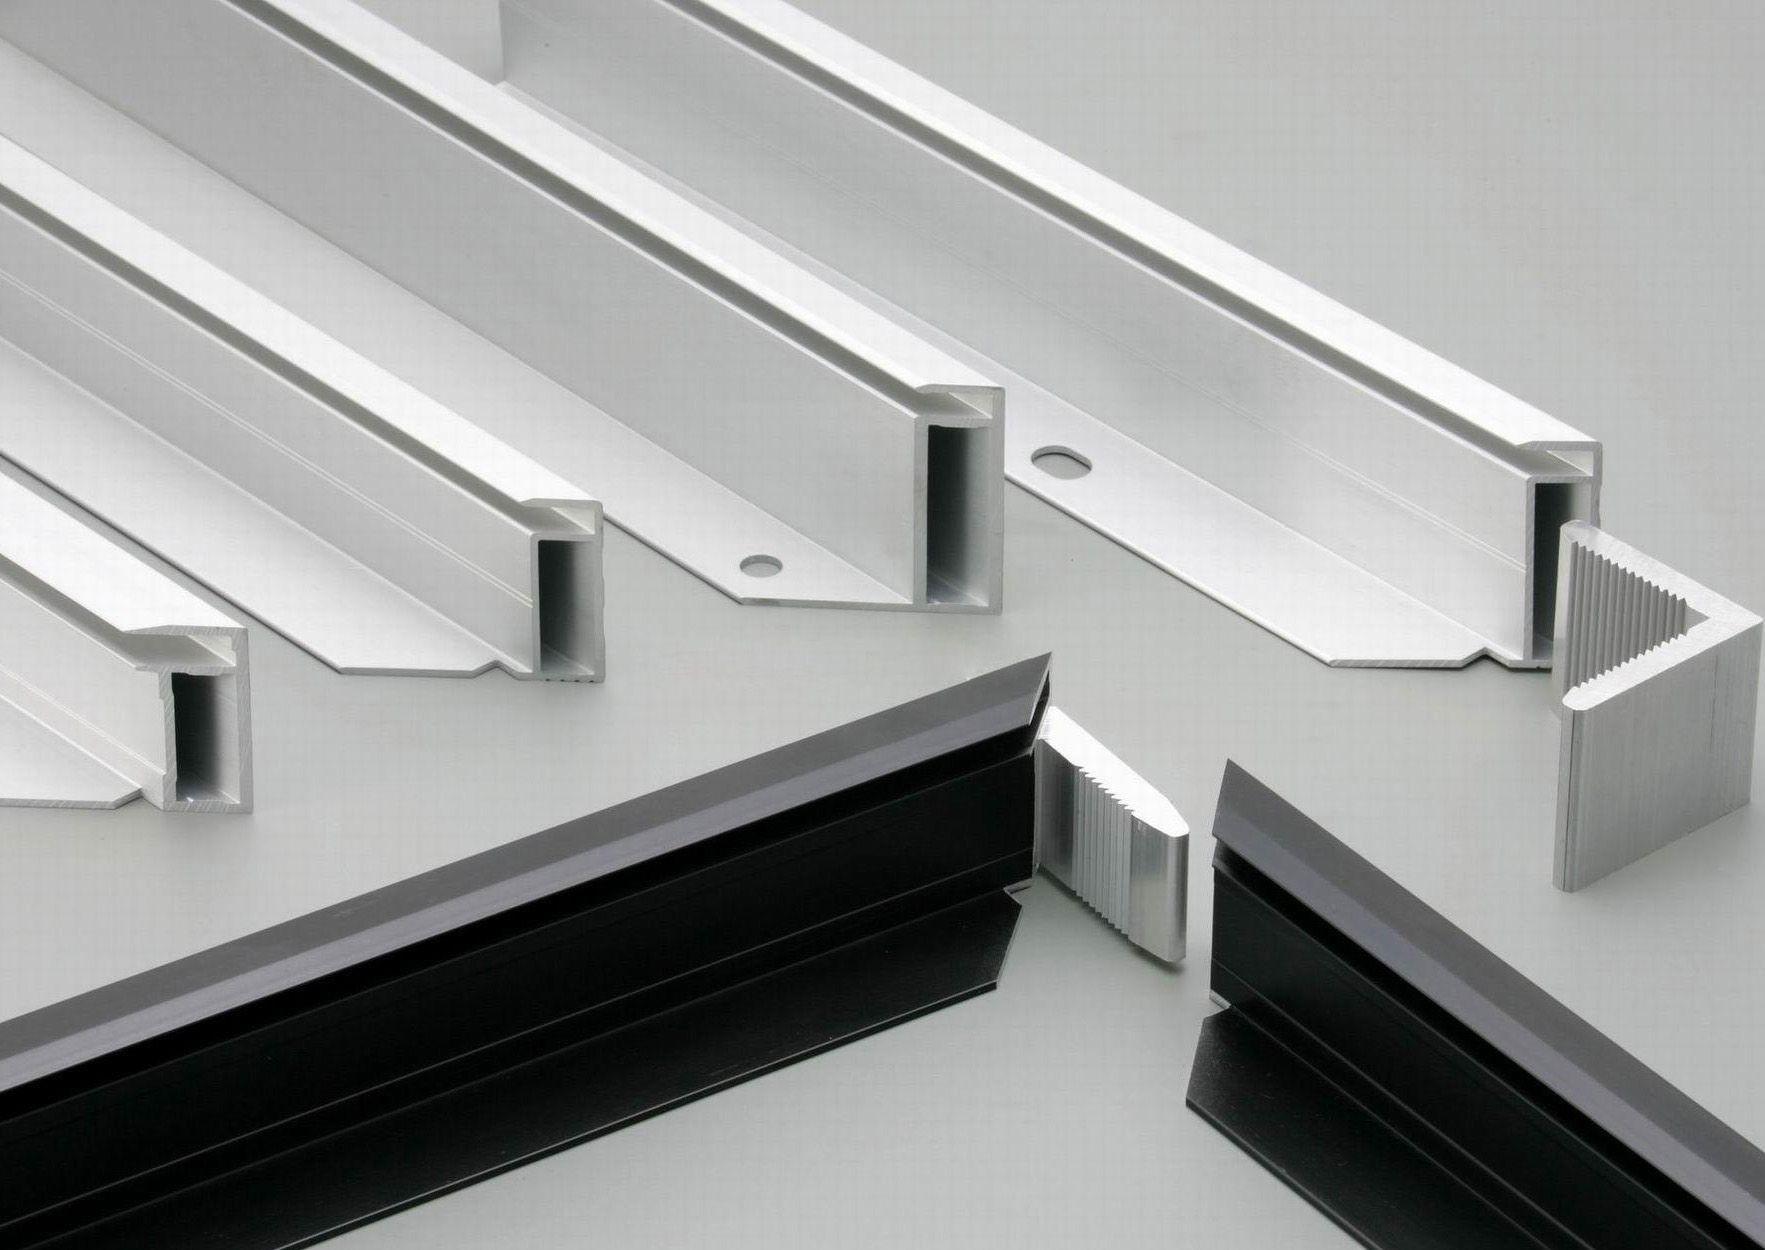 انواع فریم درب شیشه ای در ابعاد مختلف